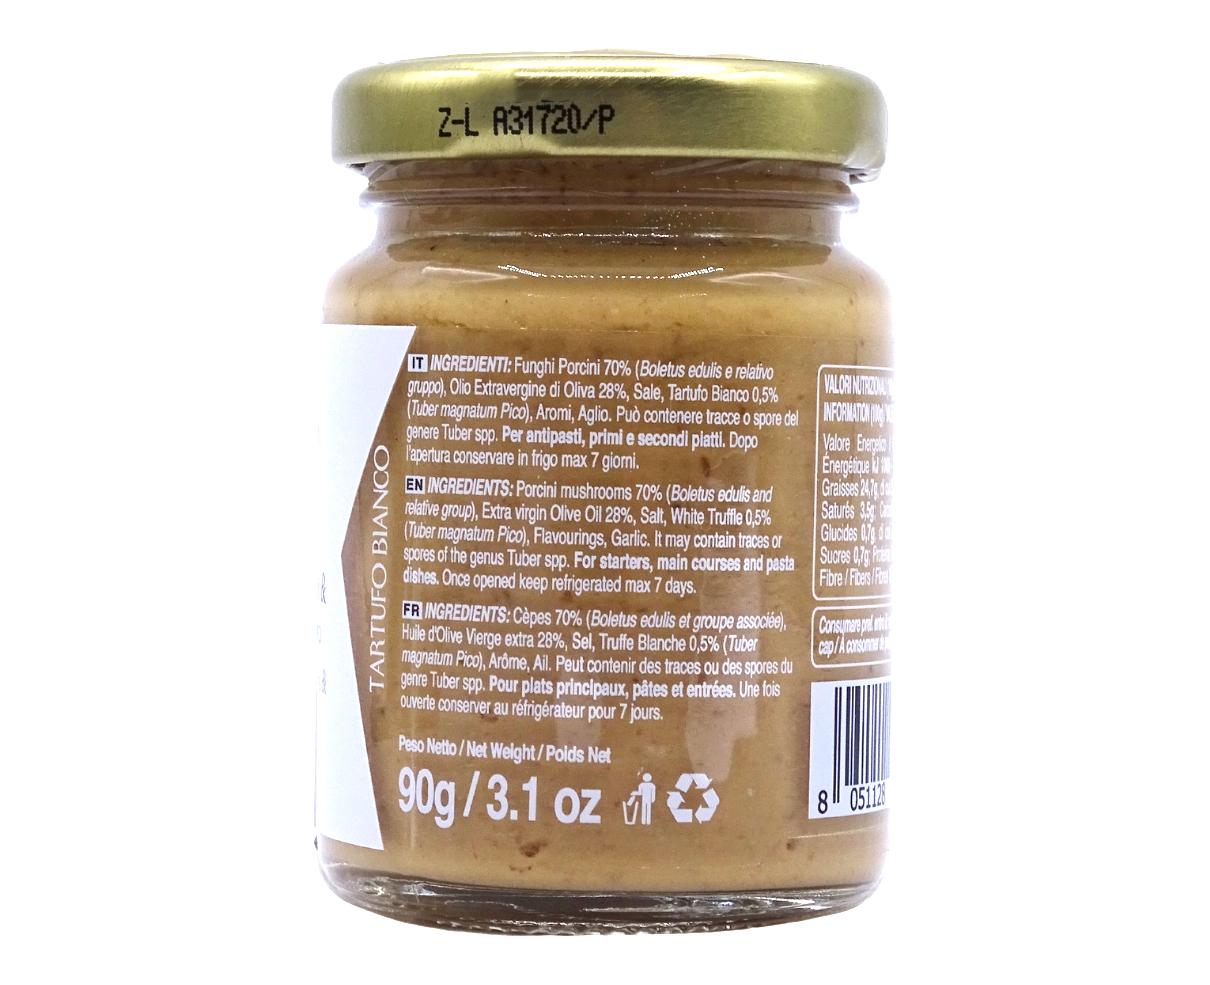 Crema di funghi porcini e tartufo bianco 90gr